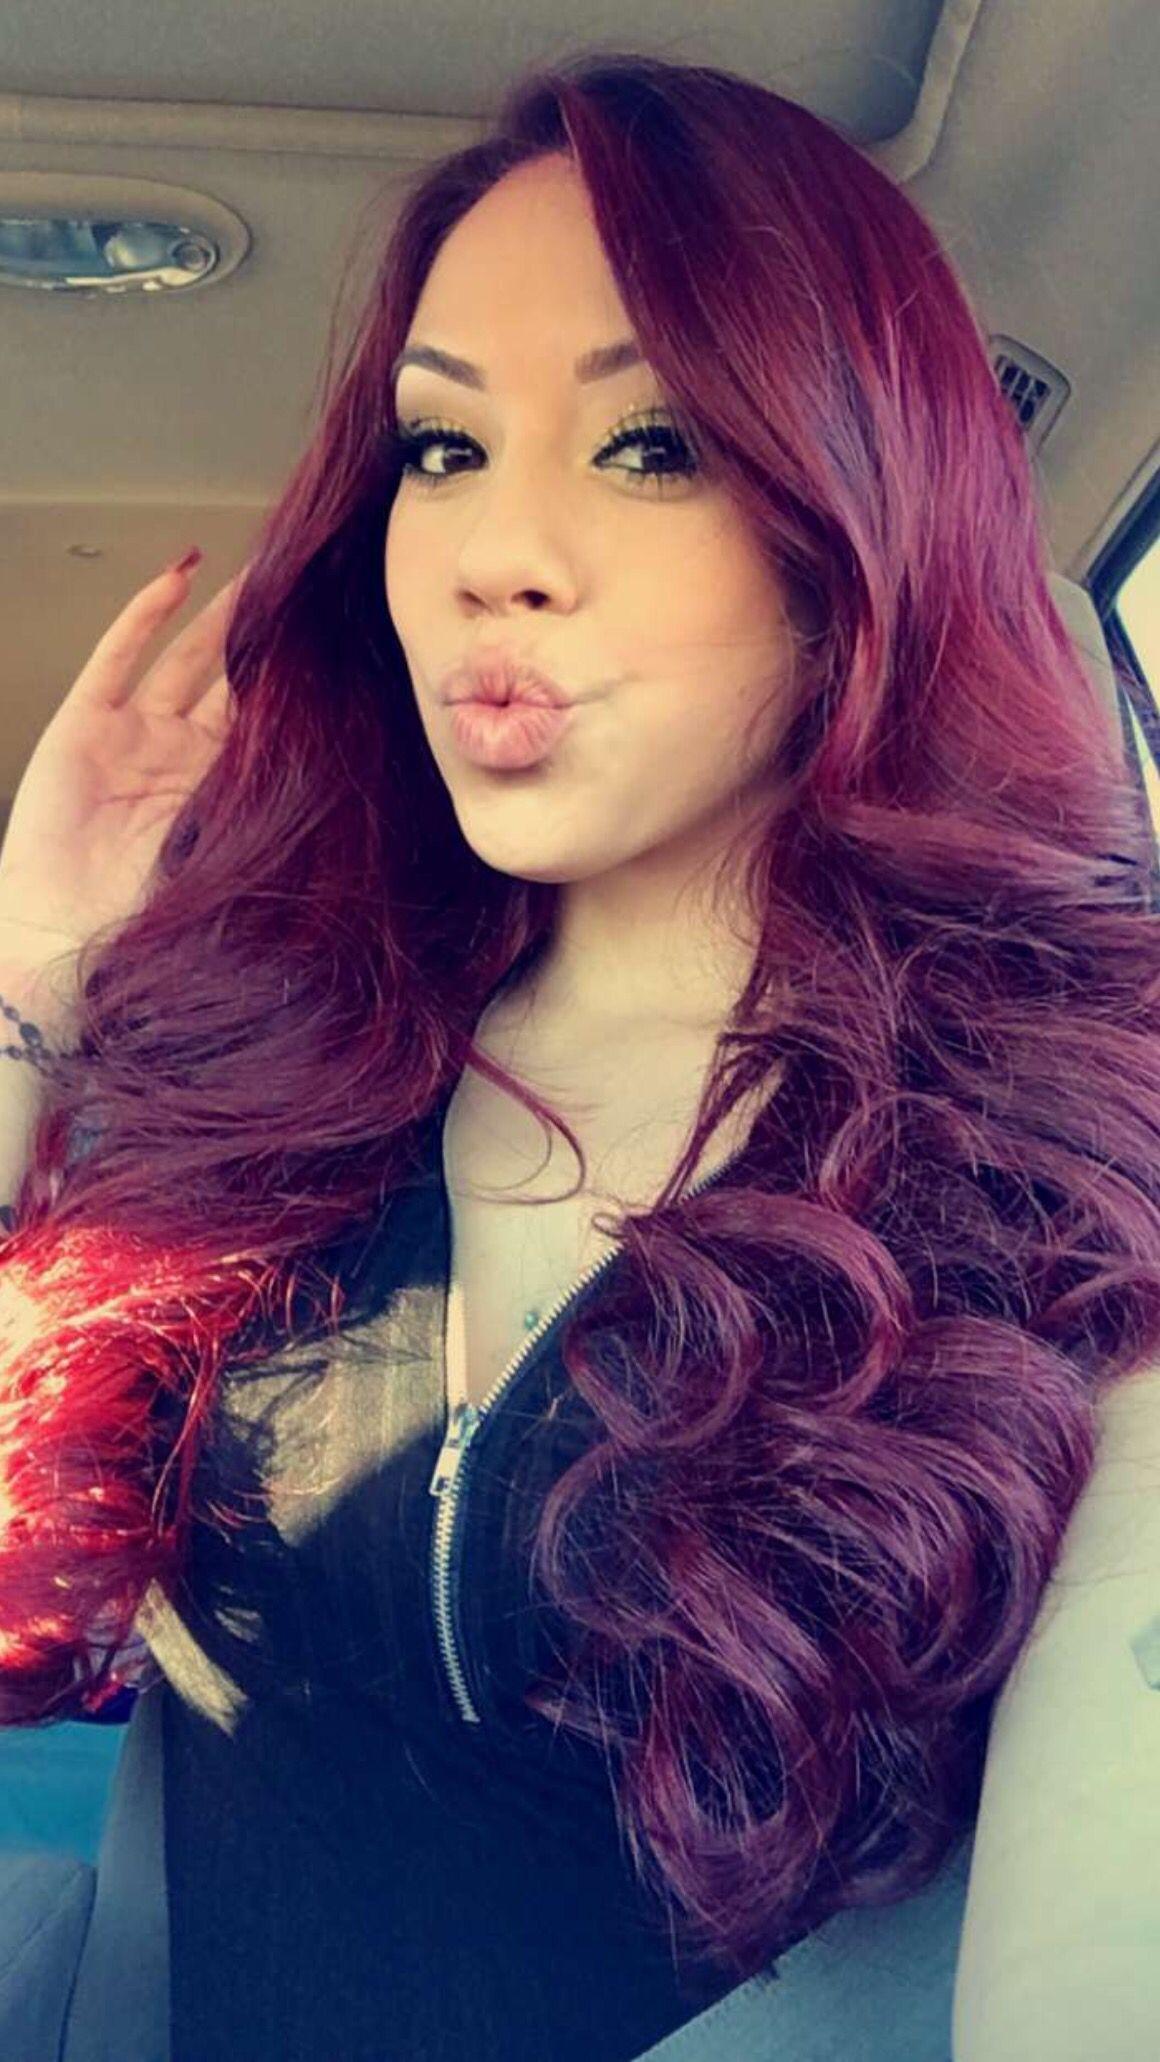 Salice Rose American Social Media Star